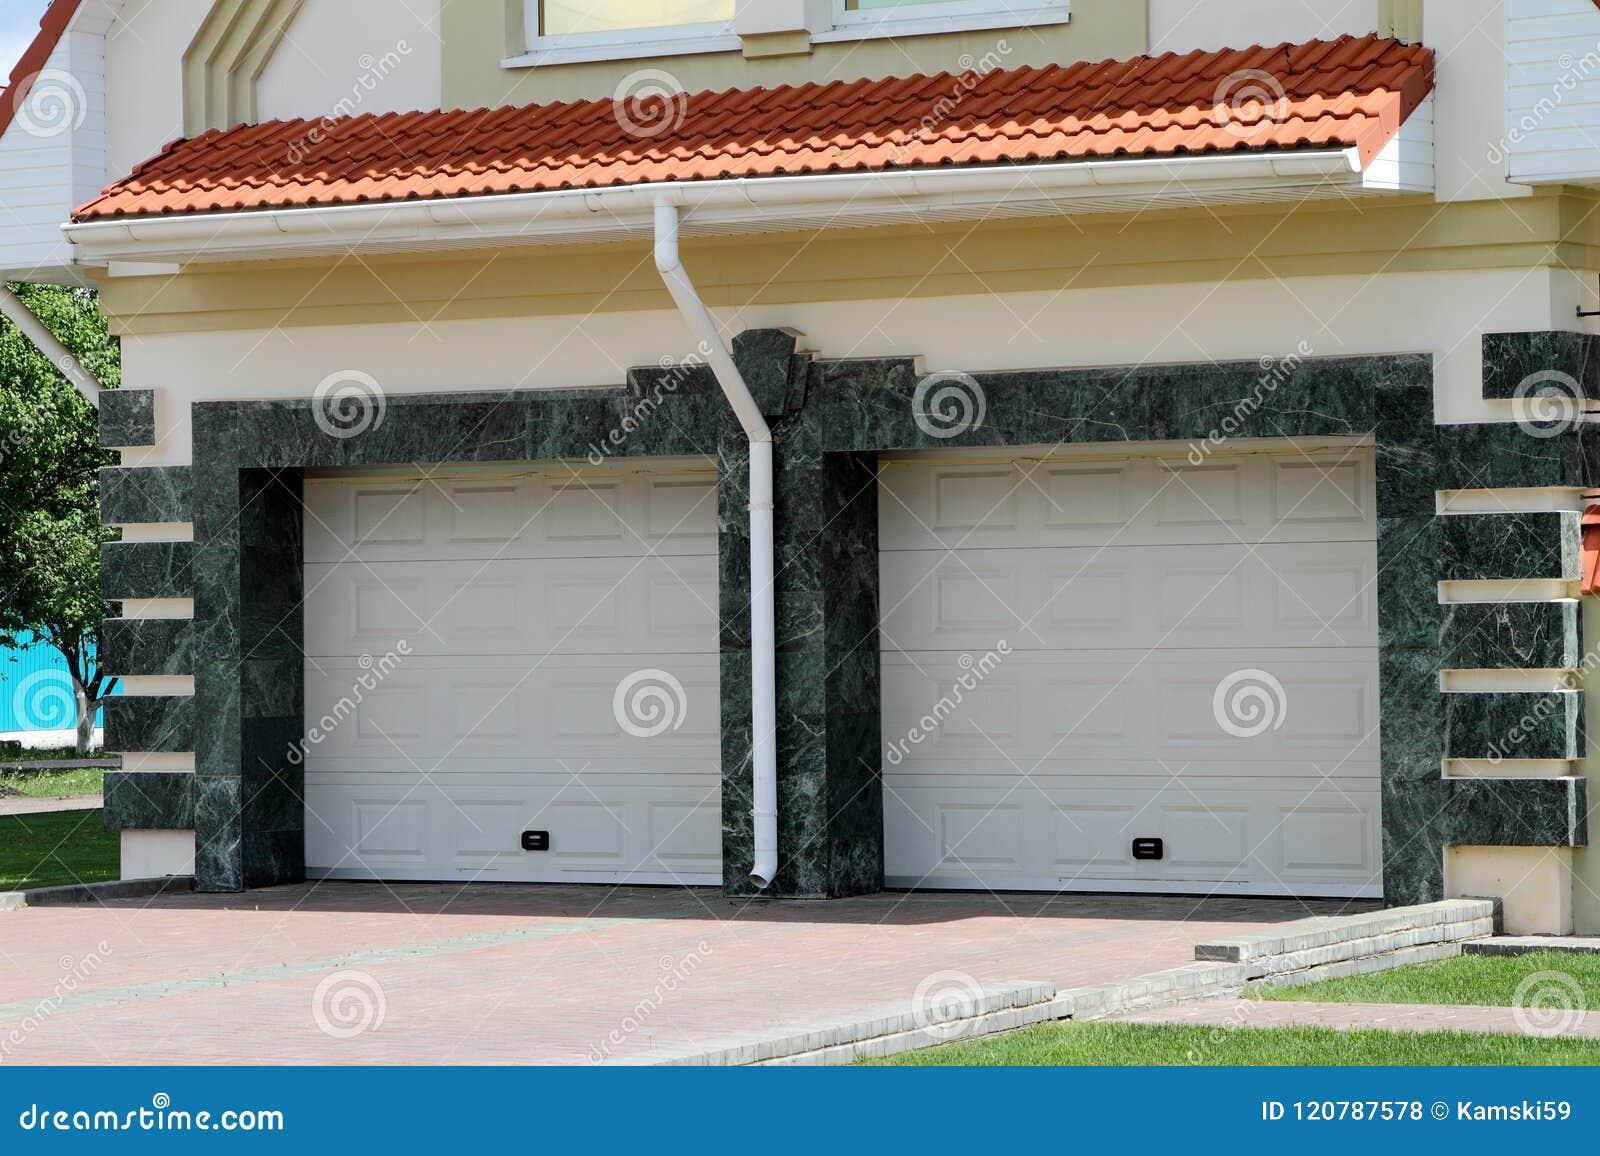 Puerta moderna del garaje para 2 coches foto de archivo - Garaje de coches ...